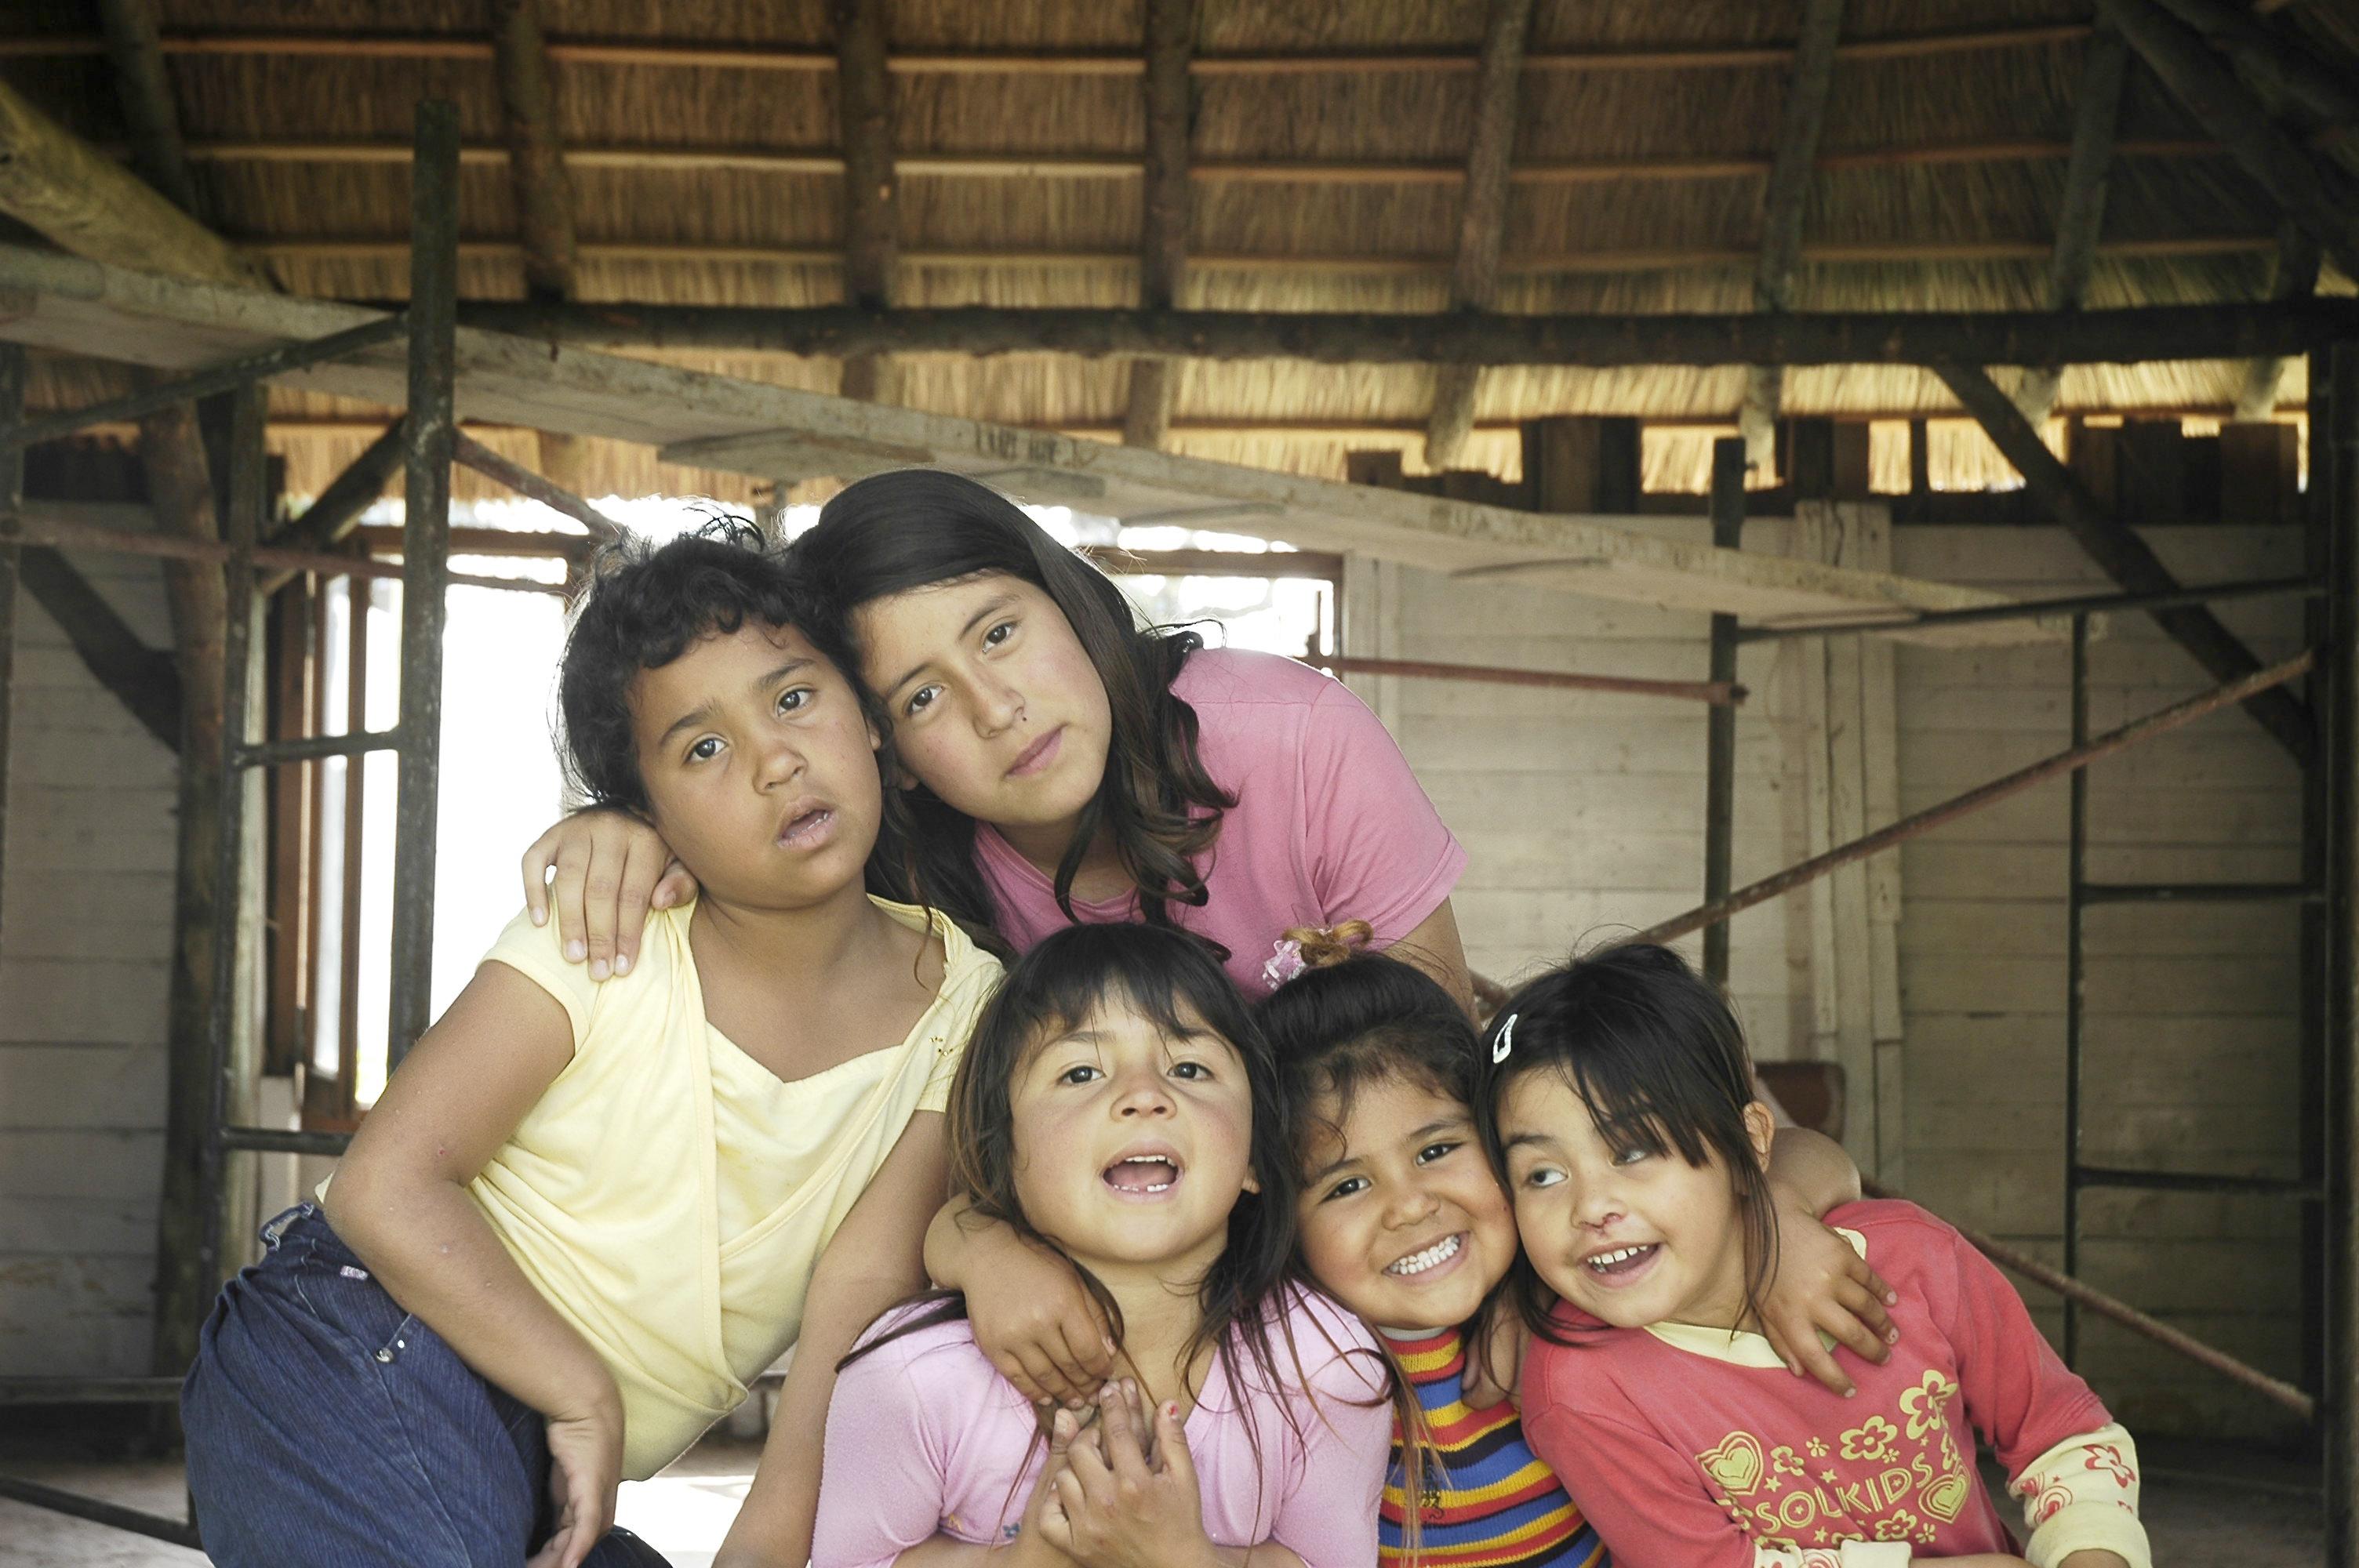 Hoy es el día internacional por los derechos de la infancia